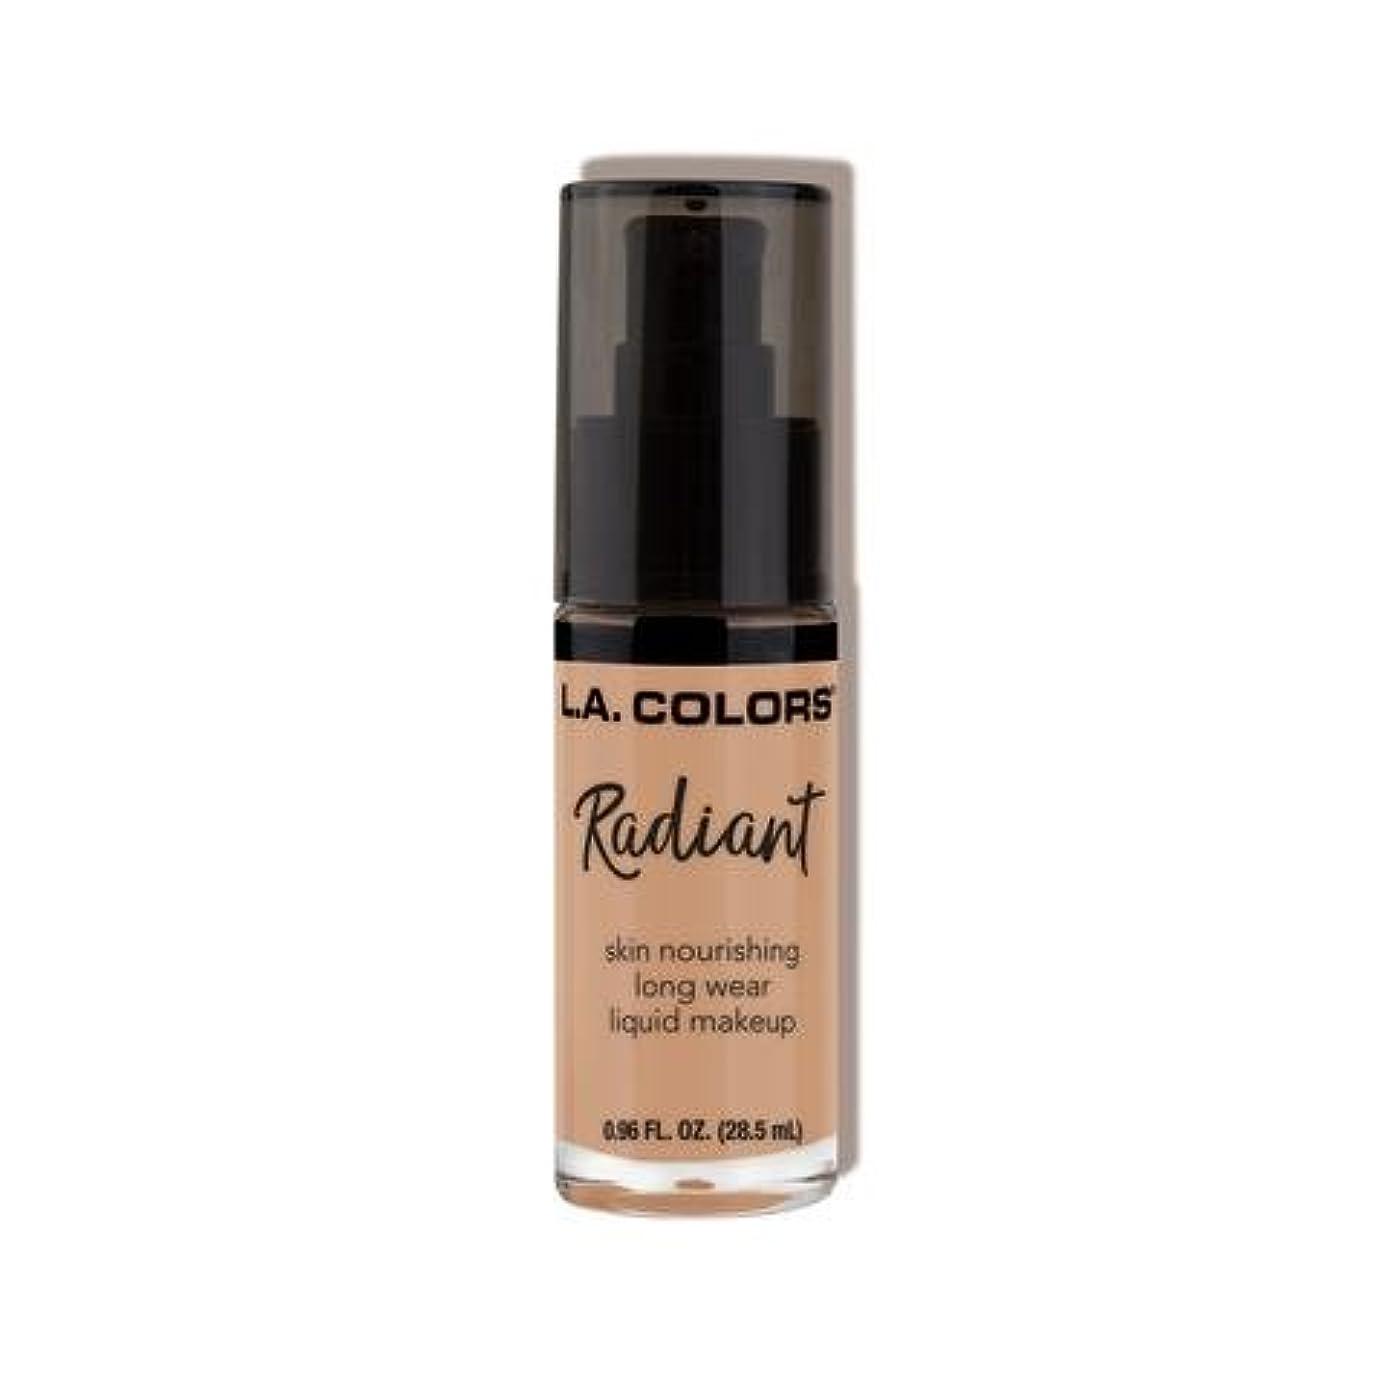 定説承知しました可能(3 Pack) L.A. COLORS Radiant Liquid Makeup - Fair (並行輸入品)